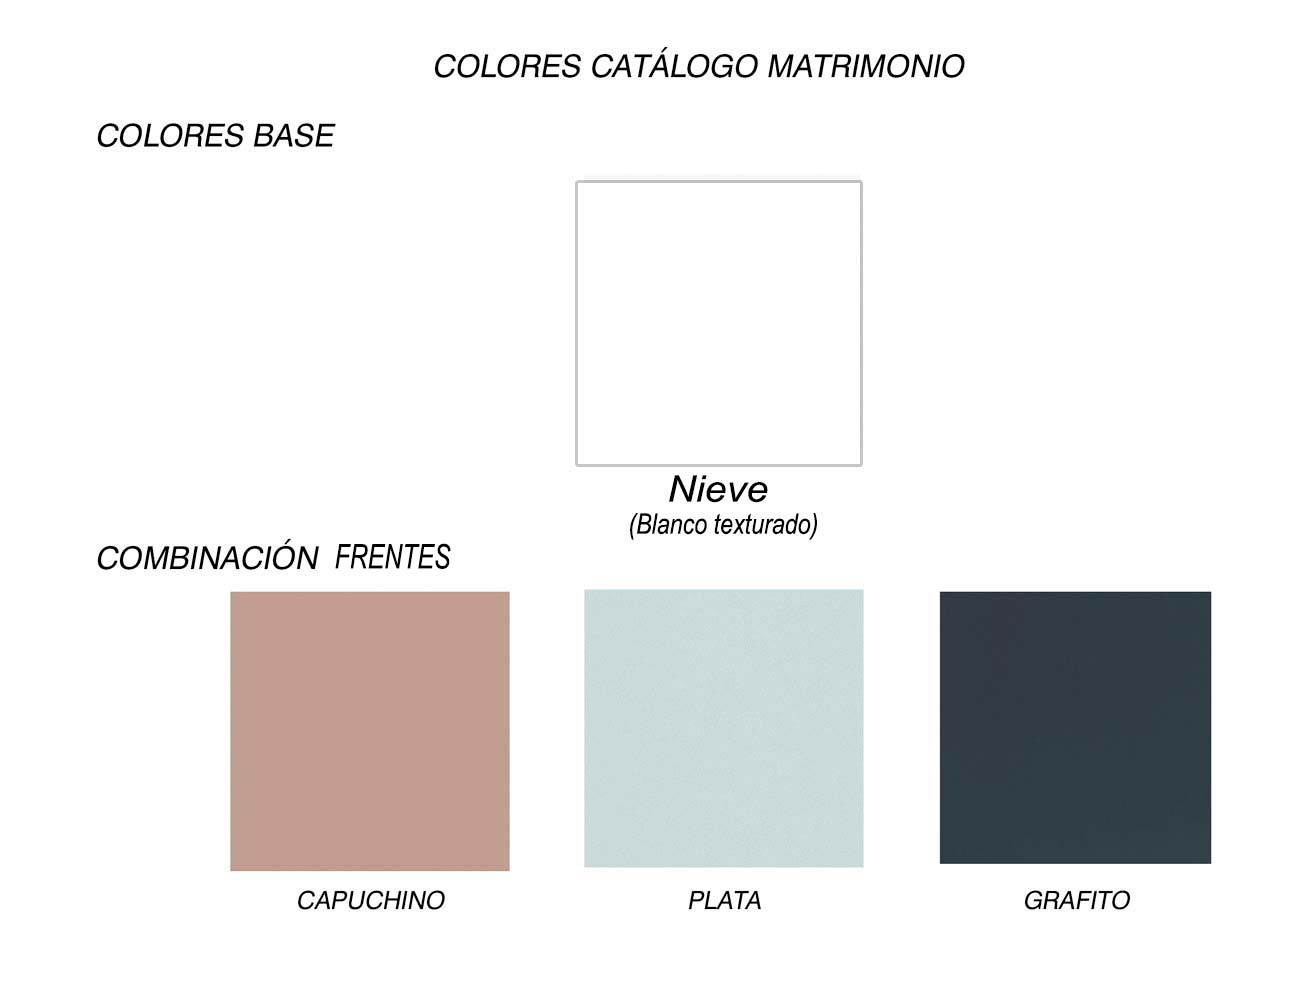 Clasic colores2